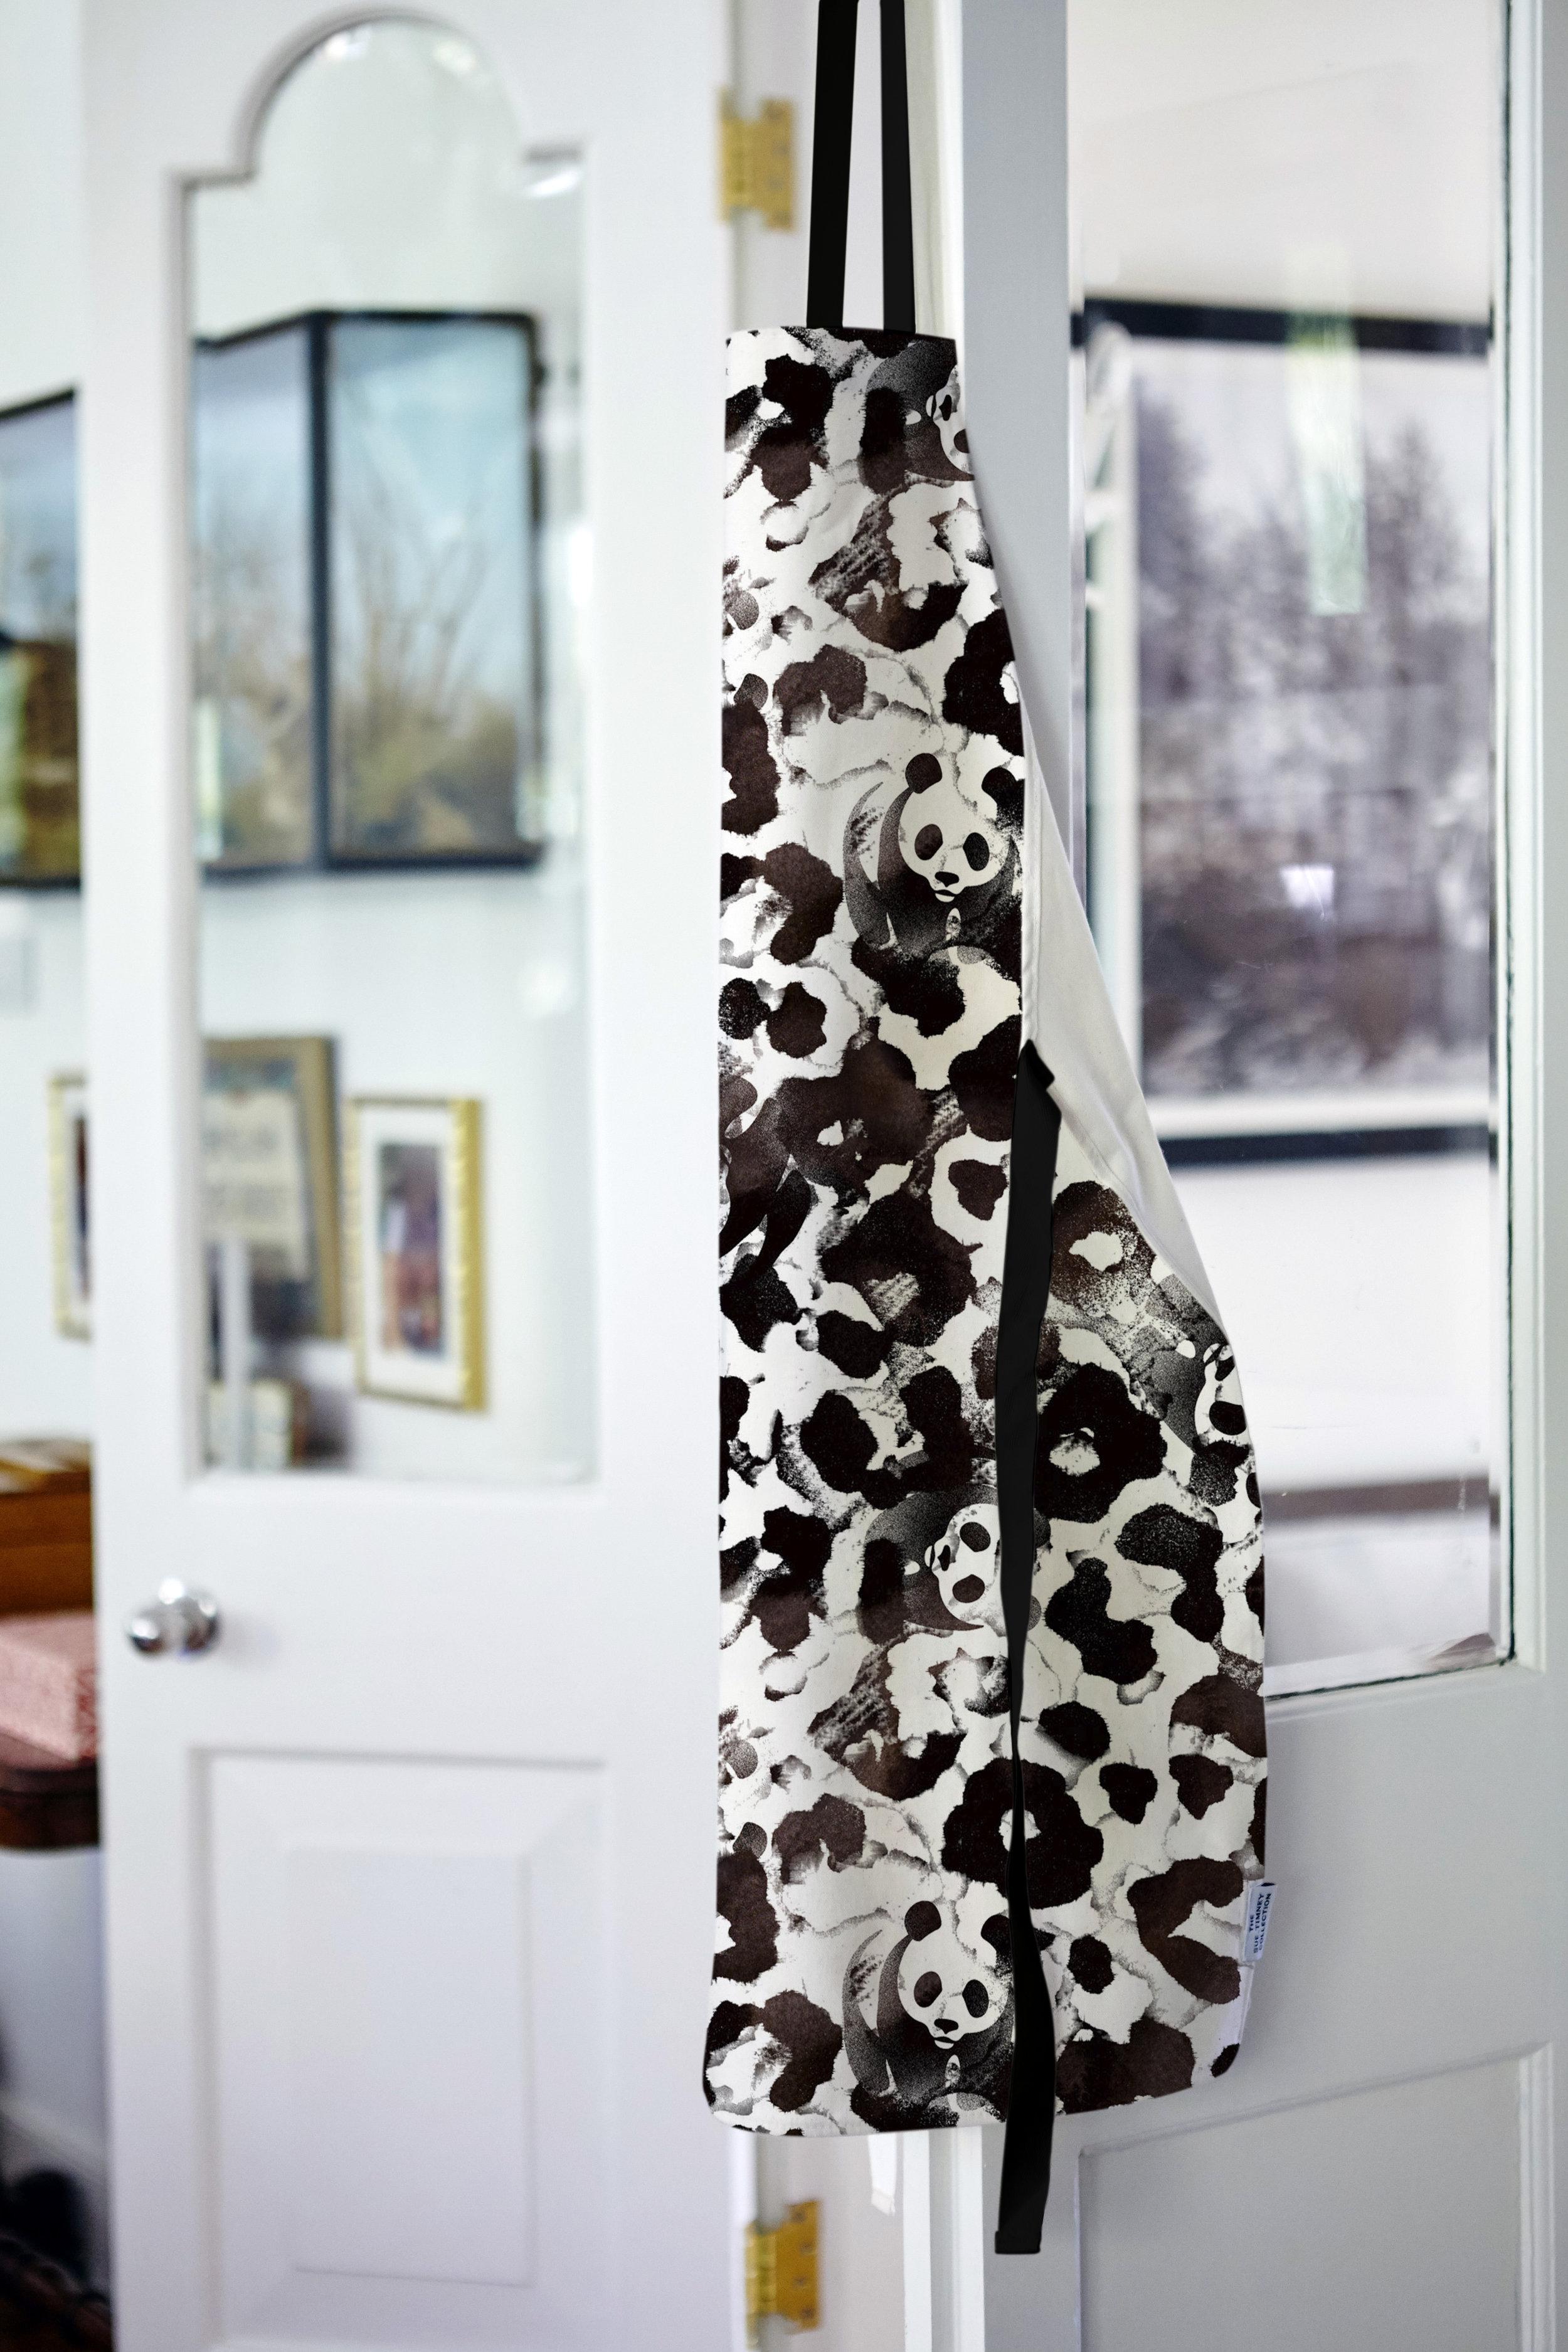 We love this panda apron!